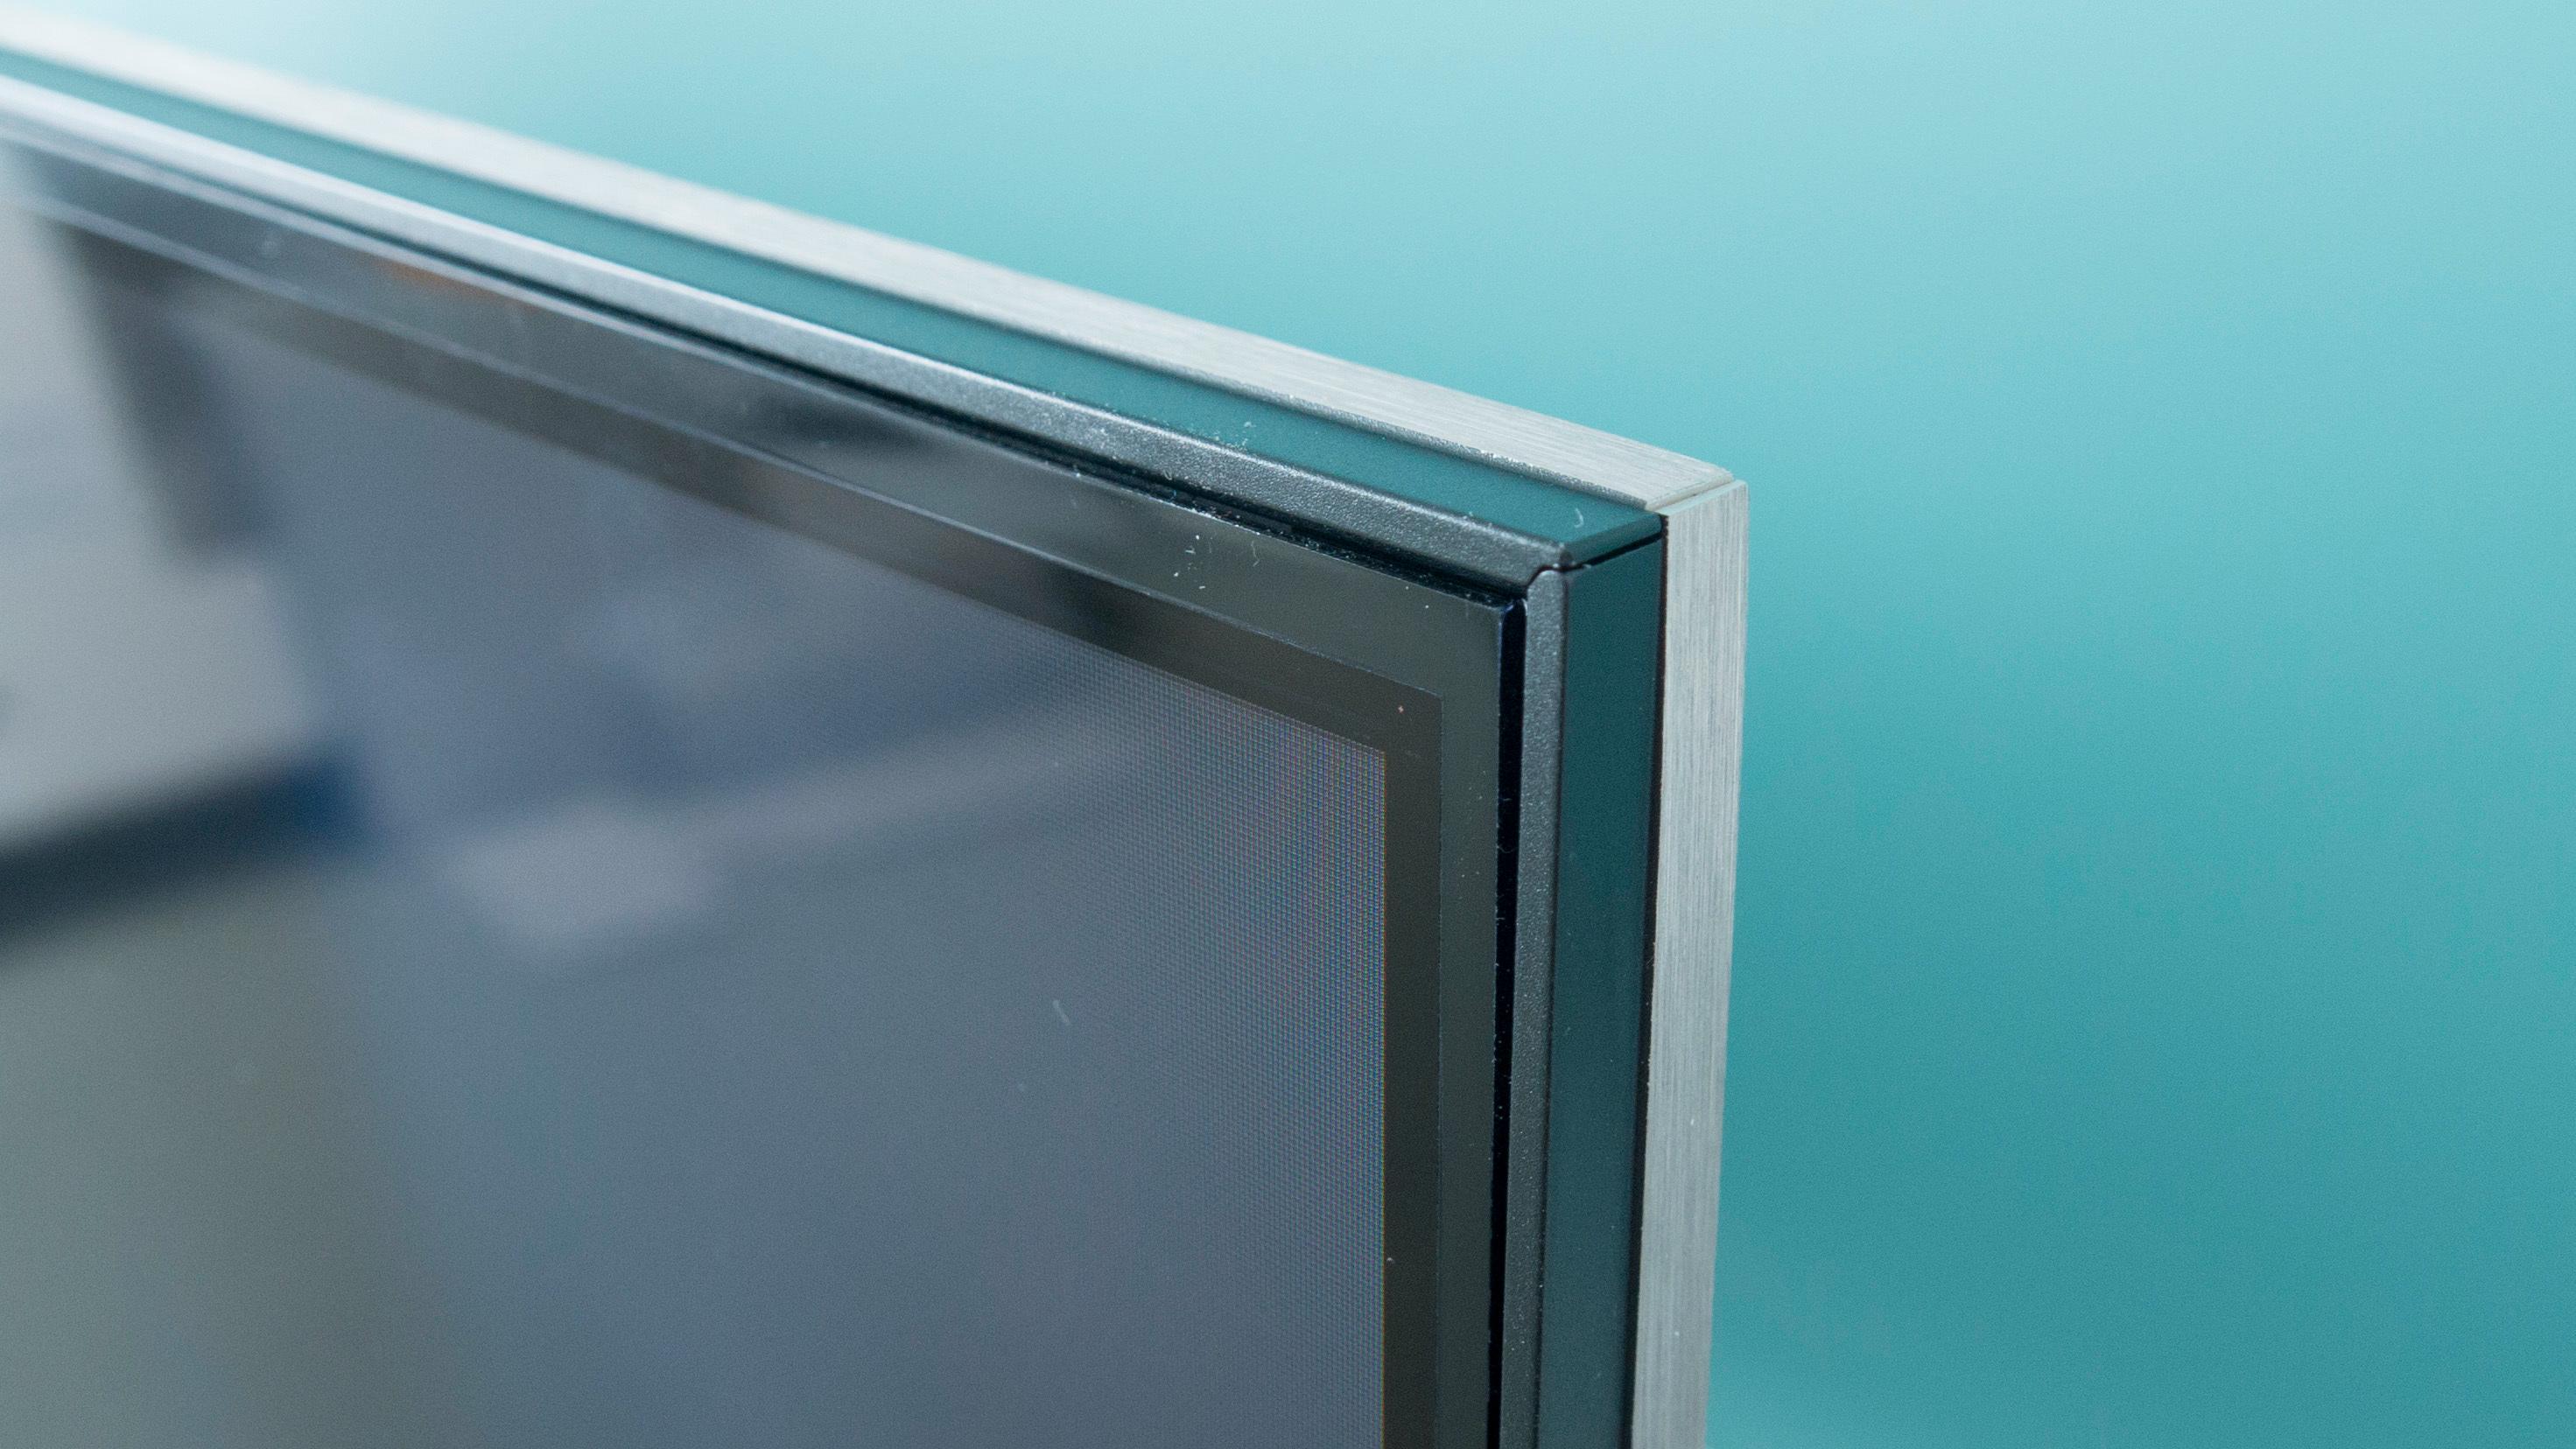 Rammen til den nye skjermen er delt i to, der fremre del er sort, mens den bakre er i børstet aluminium. Selve panelet er ganske raskt, altså kan du bruke TV-en som spill-skjerm om du ikke er blant de aller mest ihuga brukerne.